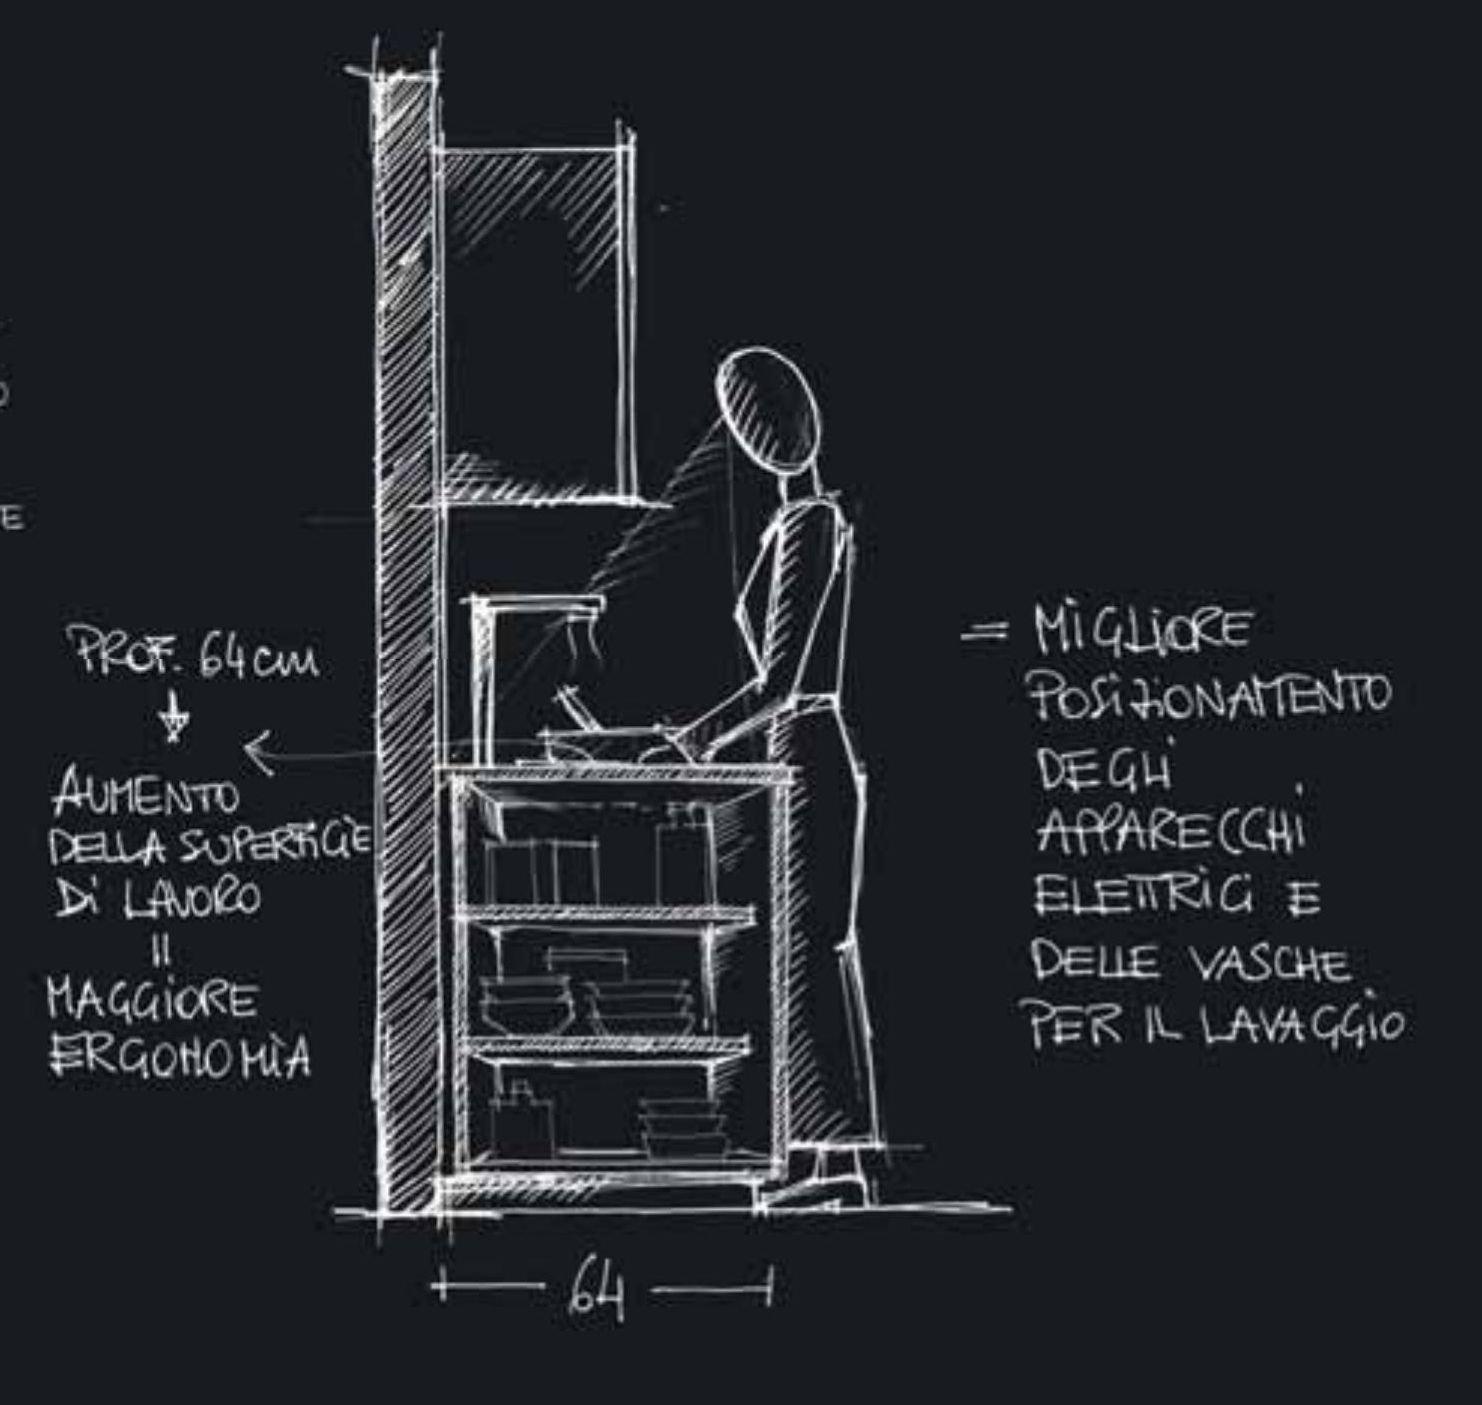 Schema relativo all'ergonomia nella cucina XXL